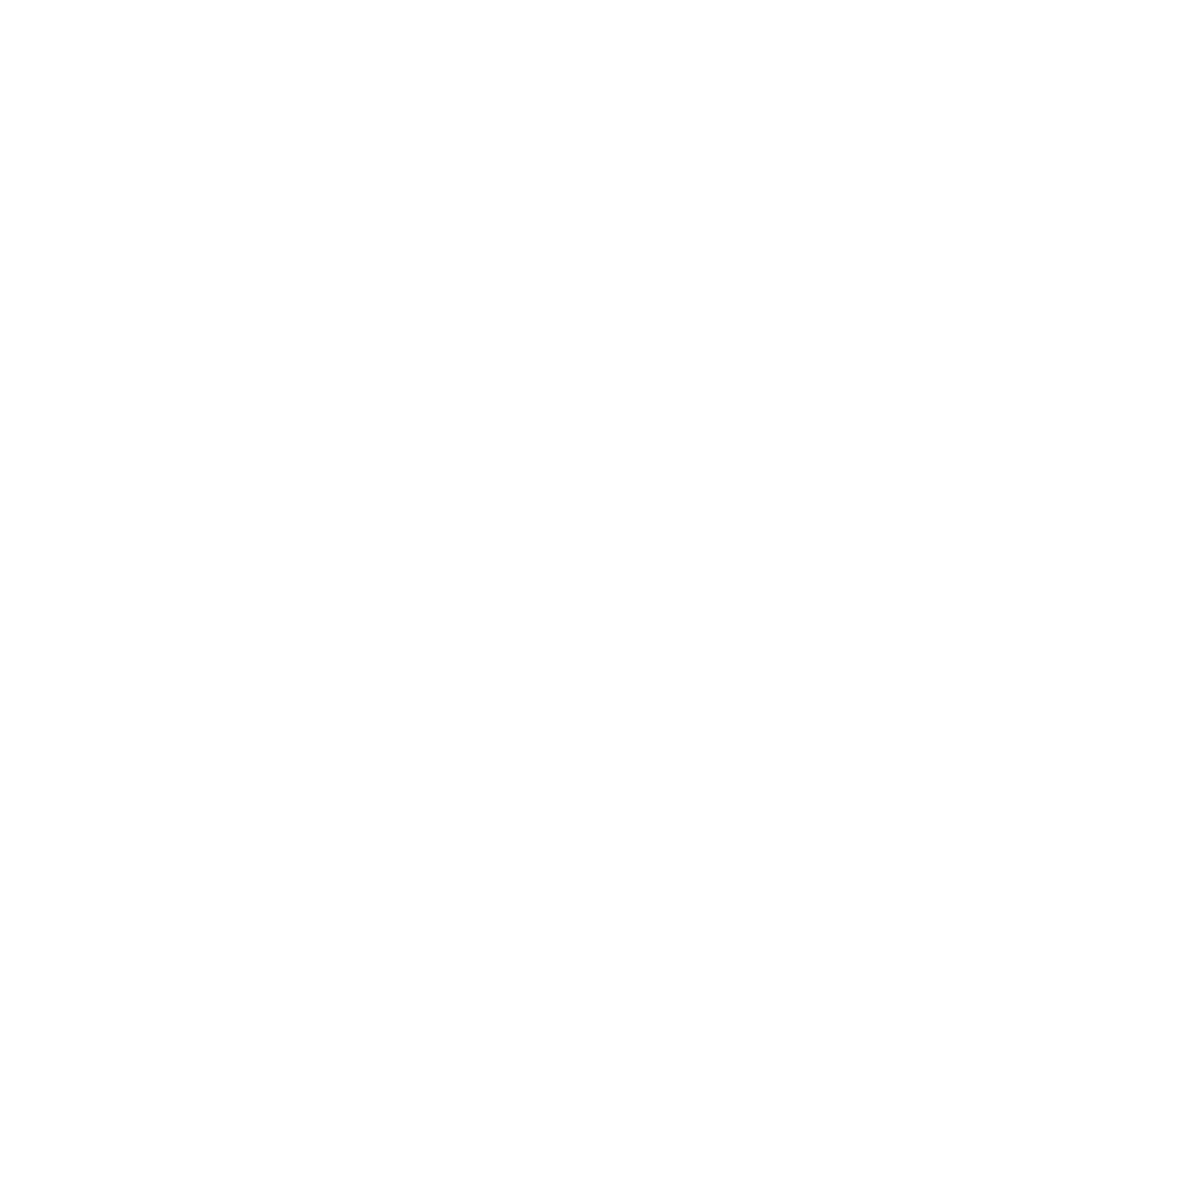 Espumadeira Tramontina em Aço Inox 63815/221 | Lojas Estrela